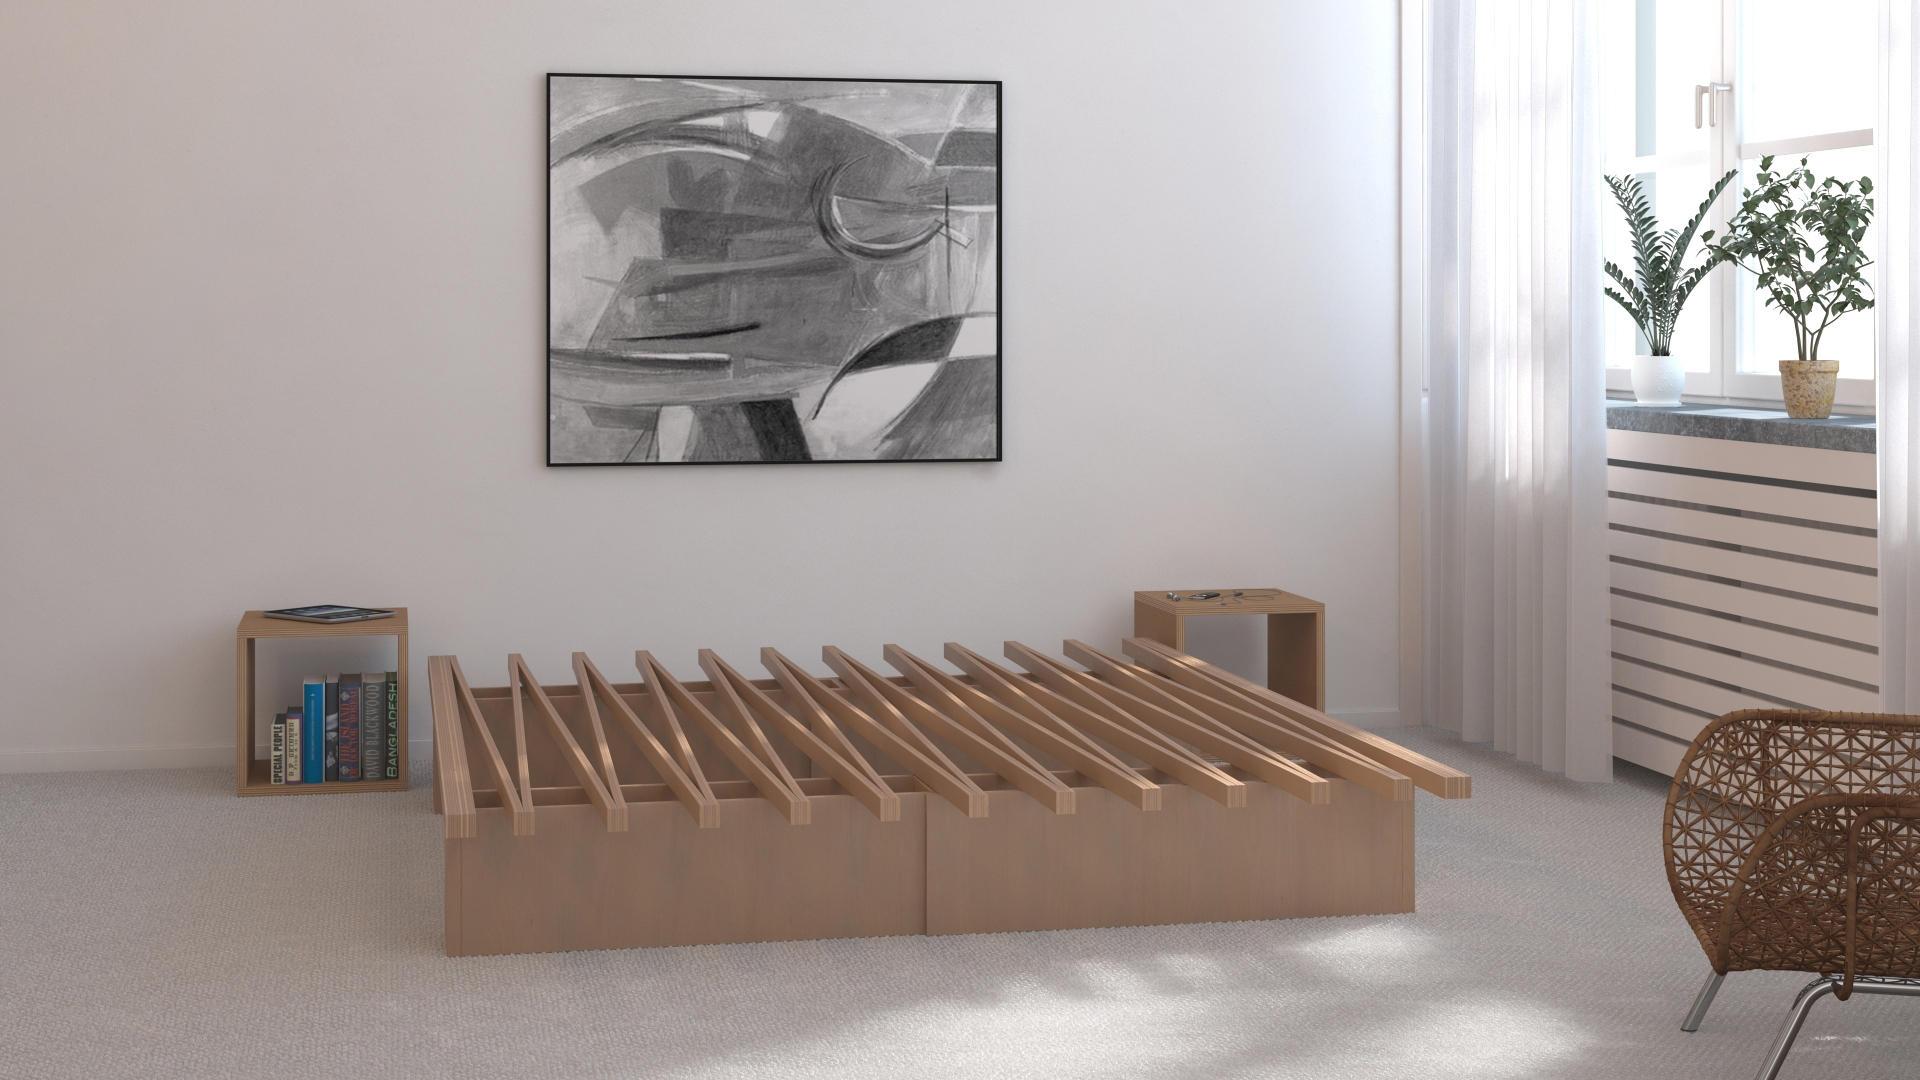 Full Size of Tojo Bett Nachbau V Lattenroste Bettgestelle Von Mbel Architonic Eiche Günstige Betten Kopfteil Einzelbett Ausstellungsstück Xxl Massiv 160x200 Für Wohnzimmer Tojo Bett Nachbau